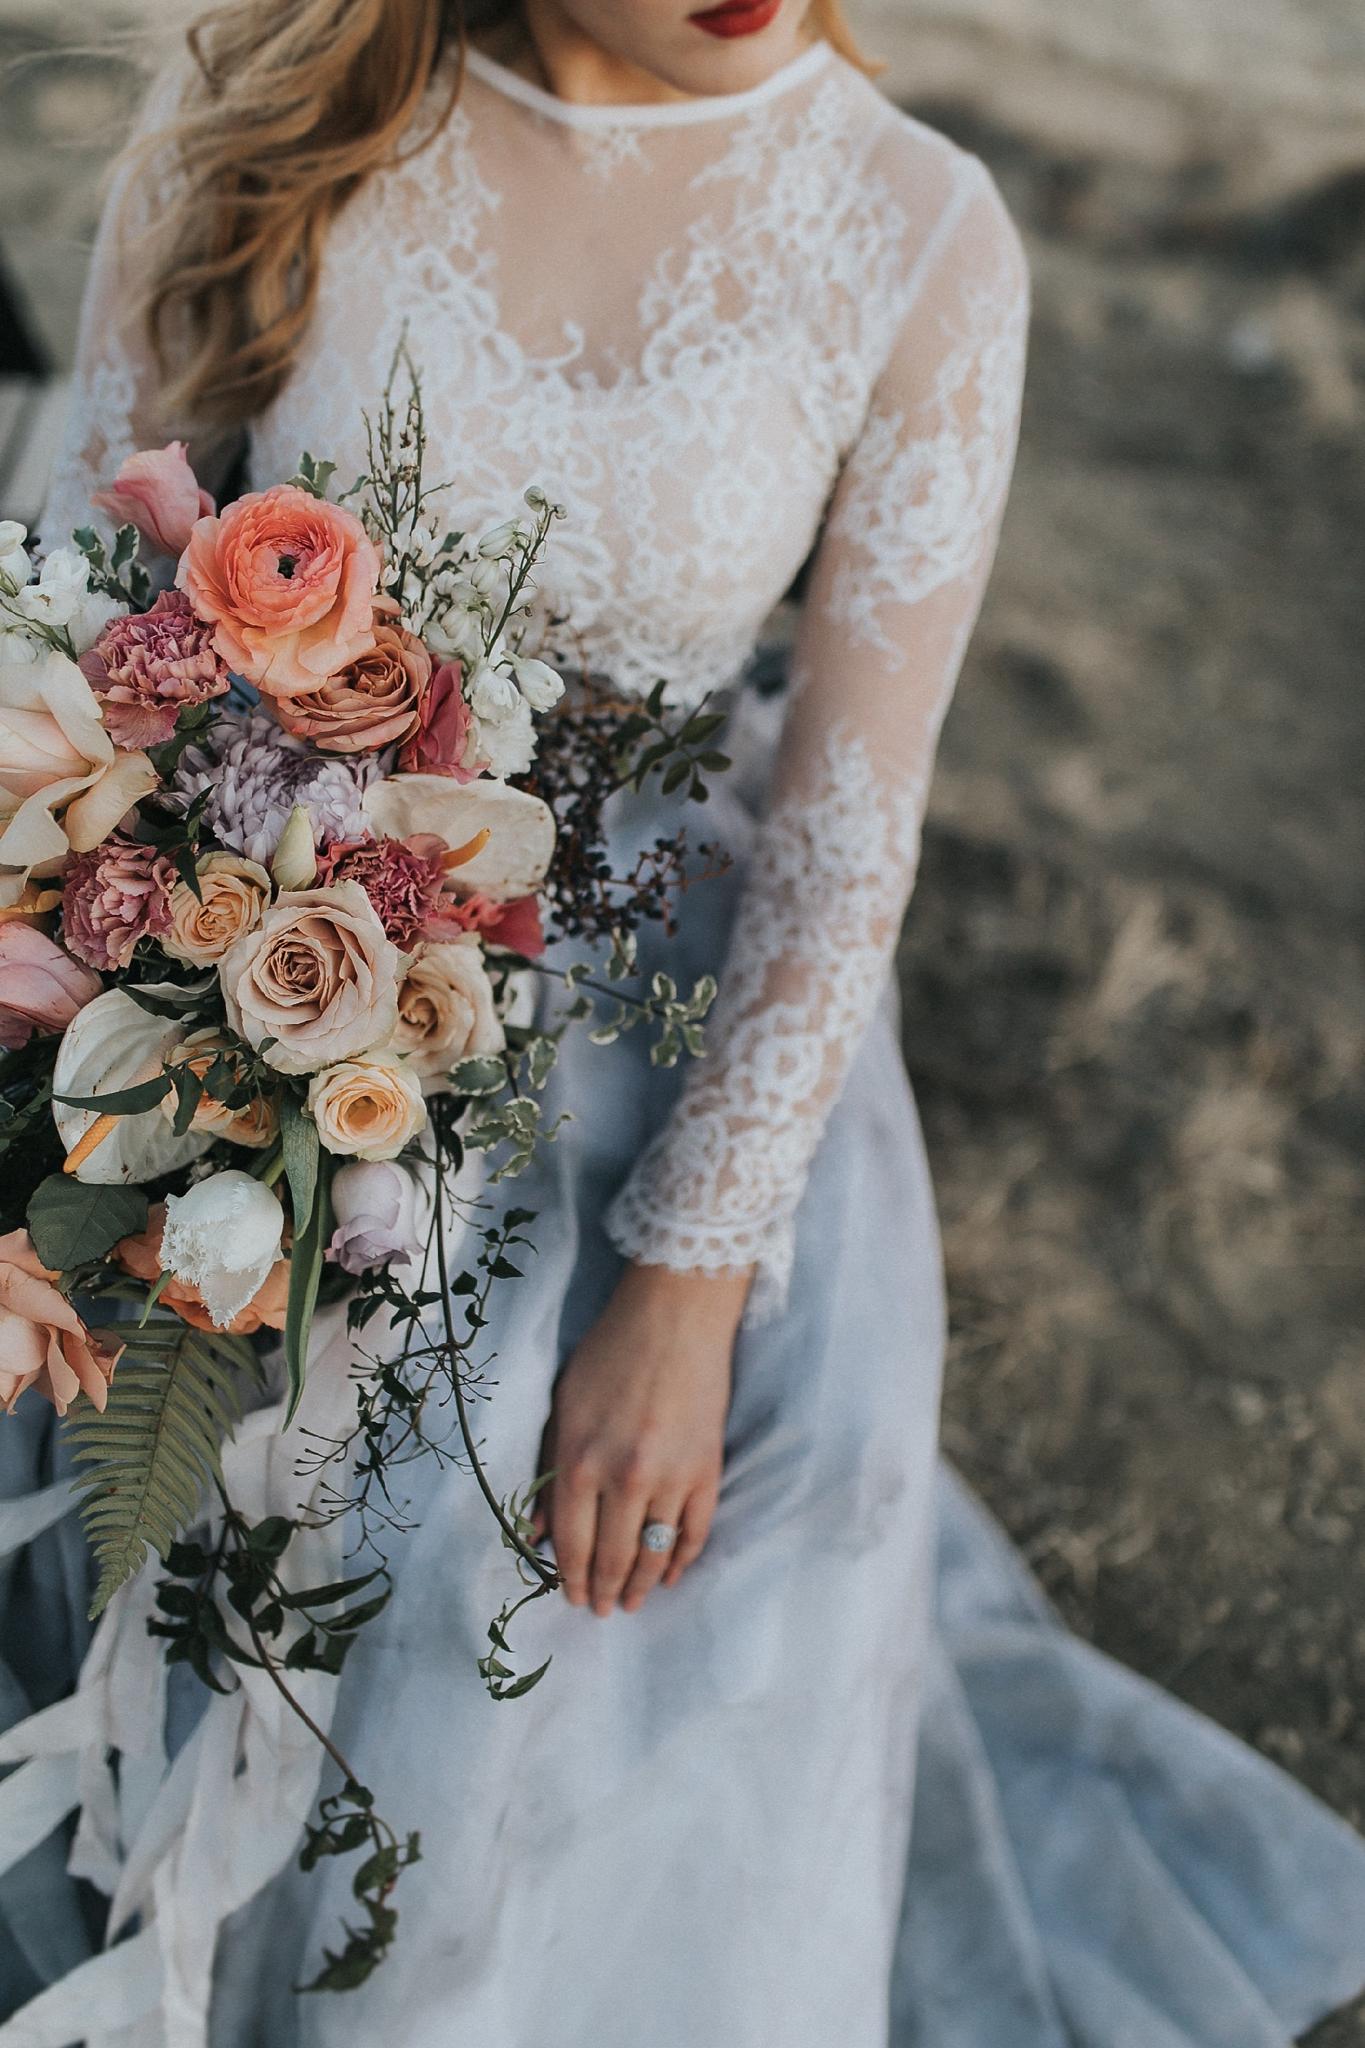 Alicia+lucia+photography+-+albuquerque+wedding+photographer+-+santa+fe+wedding+photography+-+new+mexico+wedding+photographer+-+new+mexico+florist+-+wedding+florist+-+renegade+floral_0117.jpg